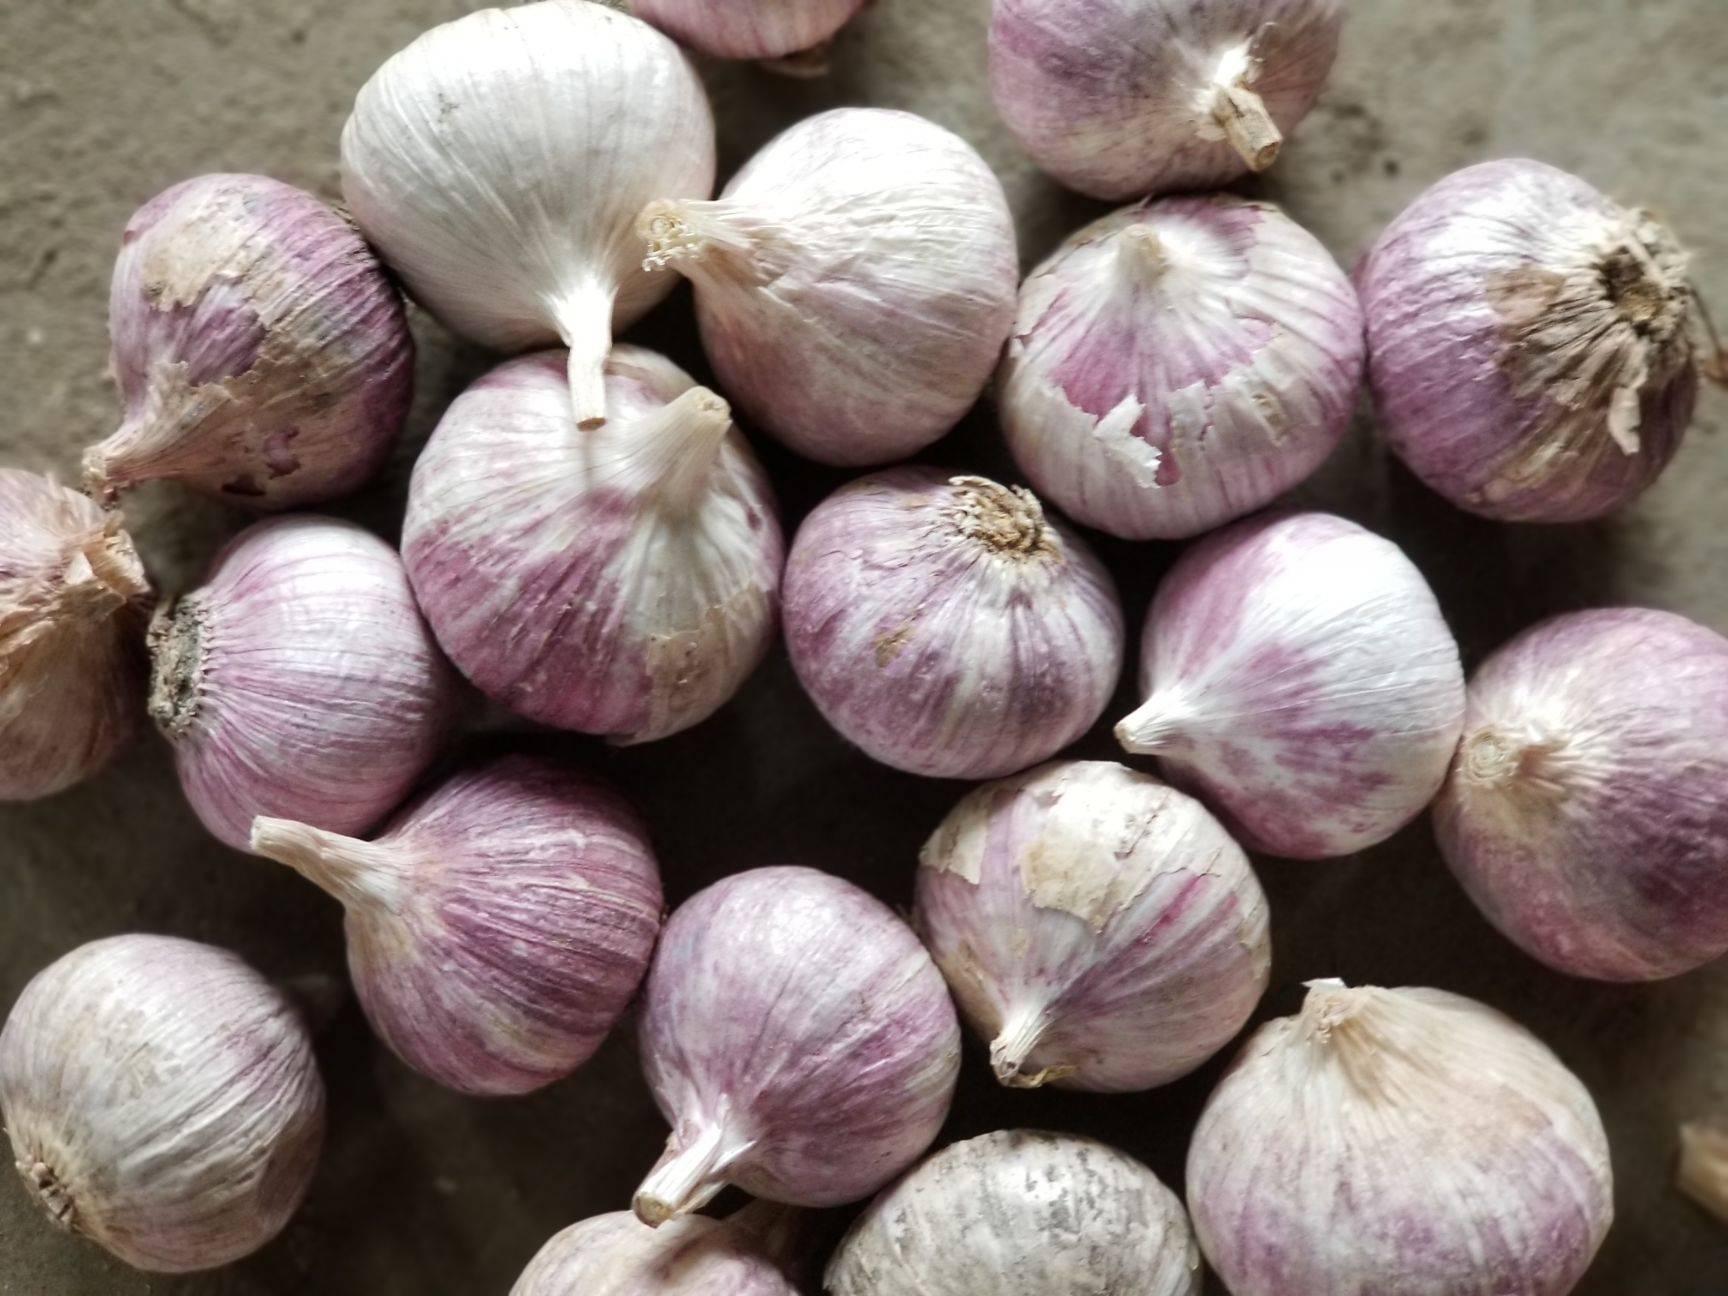 [独头蒜批发] 独头蒜,规格3.04.0无泥沙,蒜味浓。价格6.8元/斤